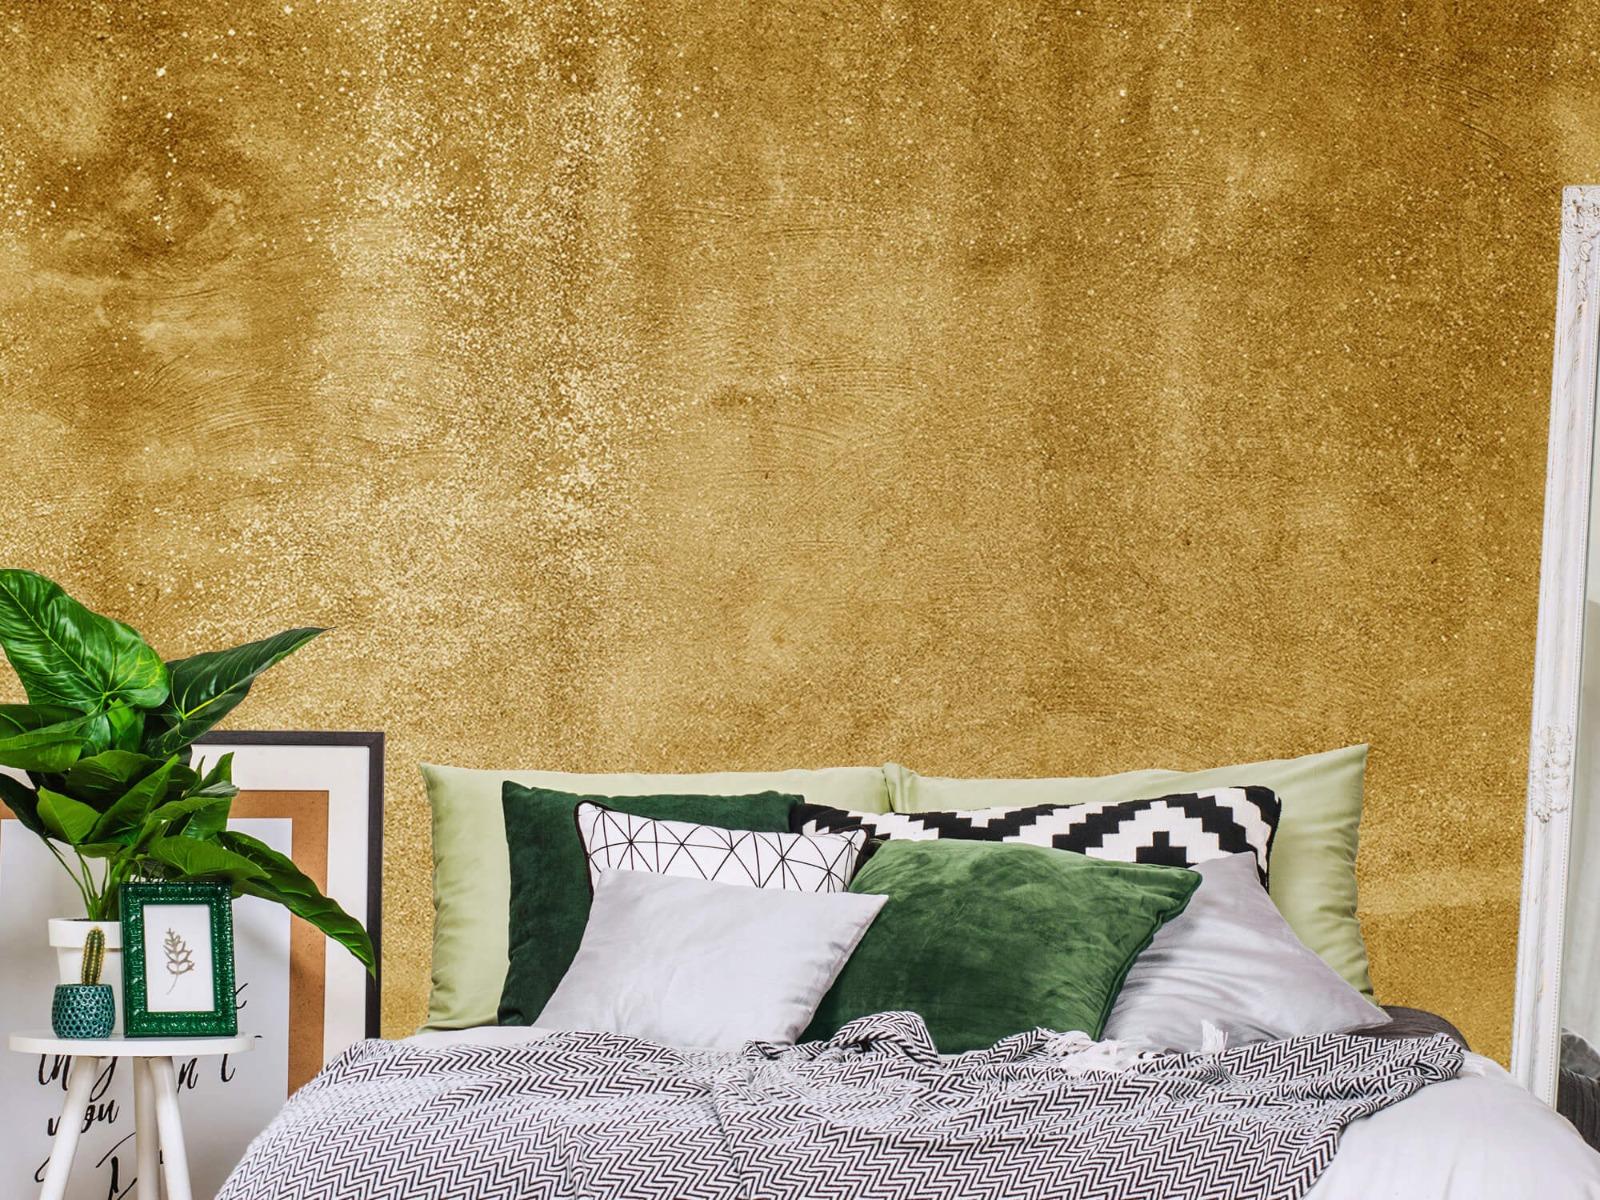 Betonoptik Tapete - Ockerhaltiger gelber Beton auf Fototapete - Wohnzimmer 13